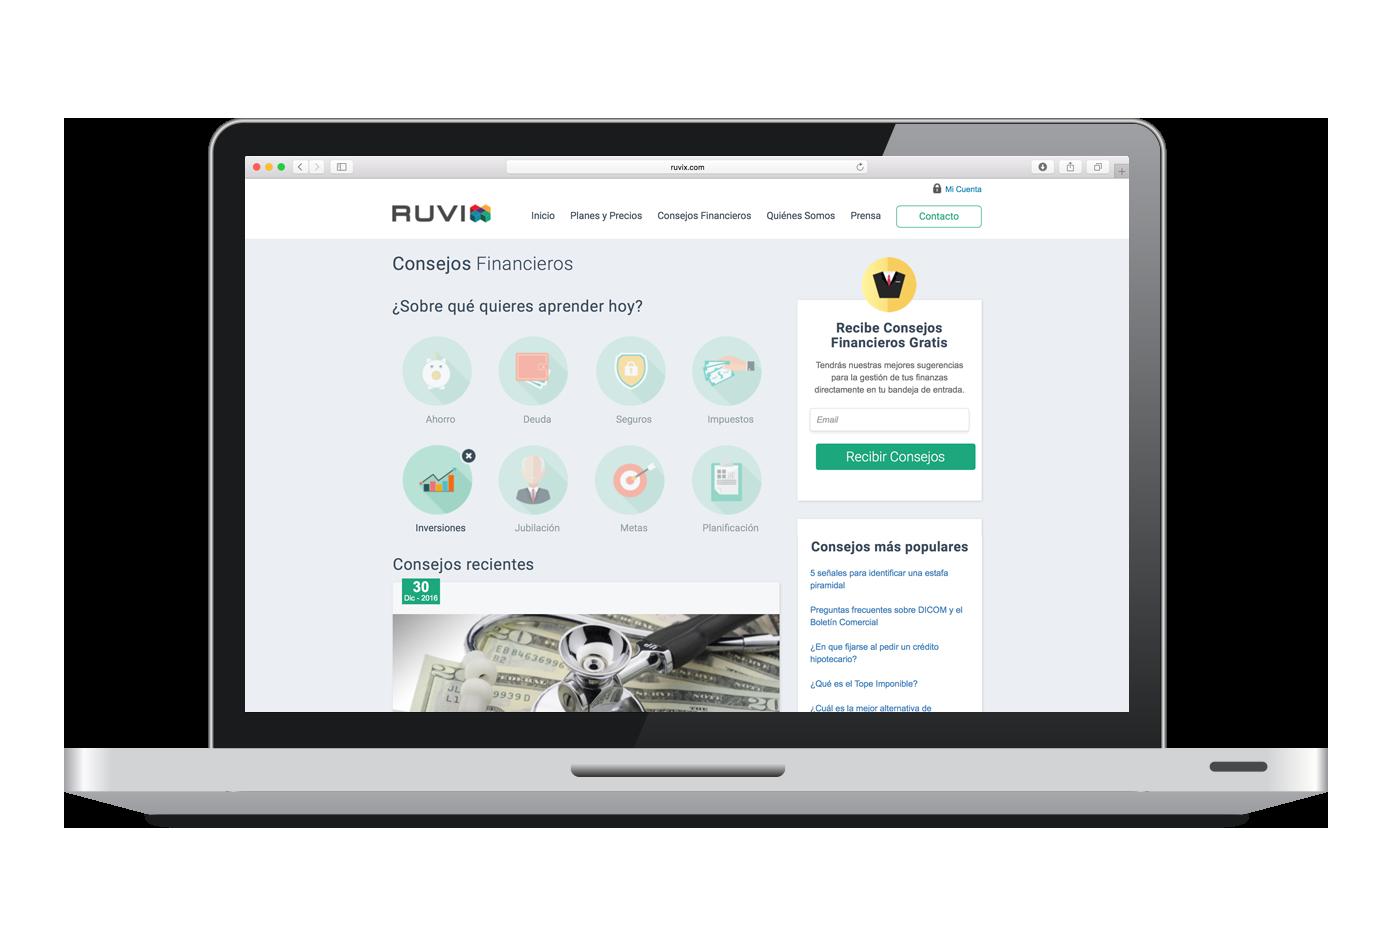 ruvix.com